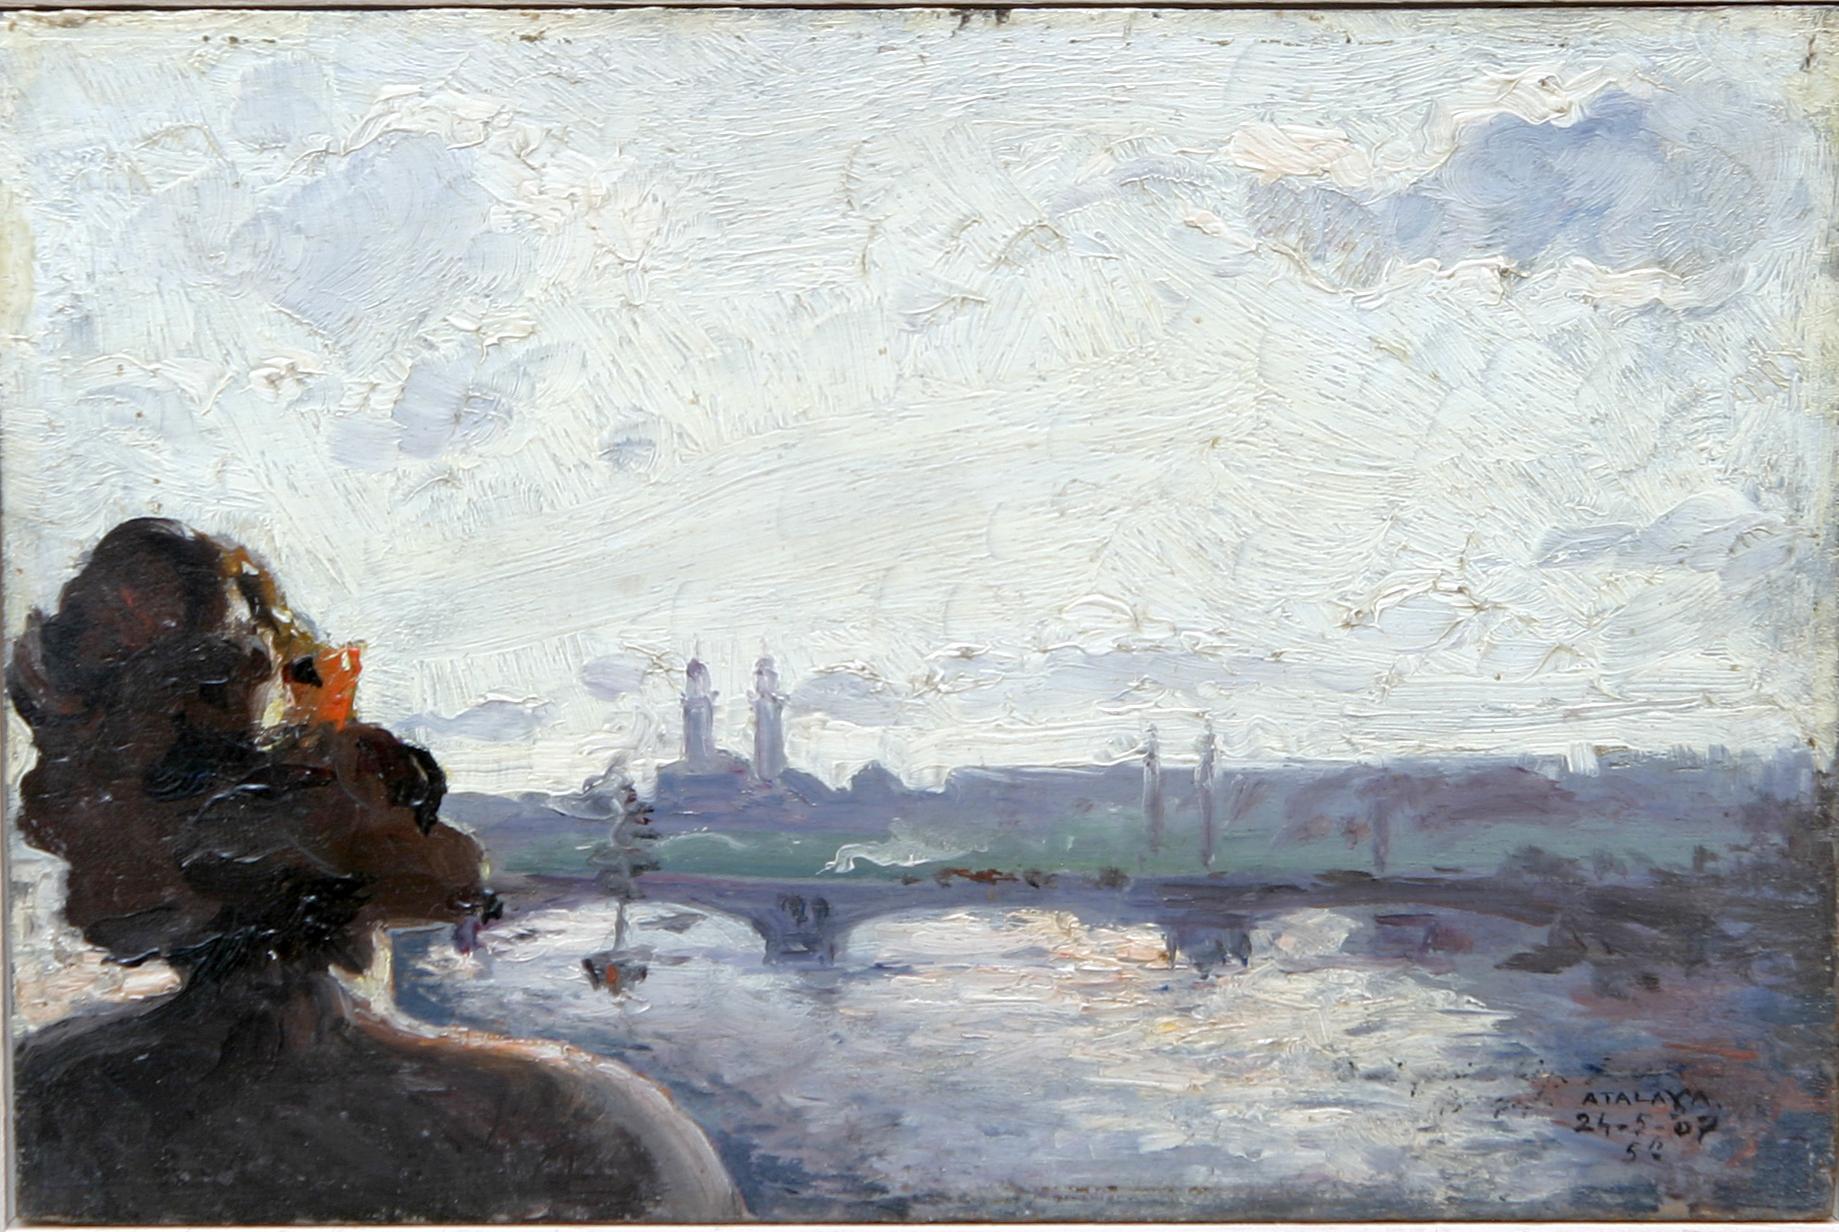 Enrique Atalaya. Murcia, 1851- París, 1913. Oleo sobre cartón 7,5 x 11.